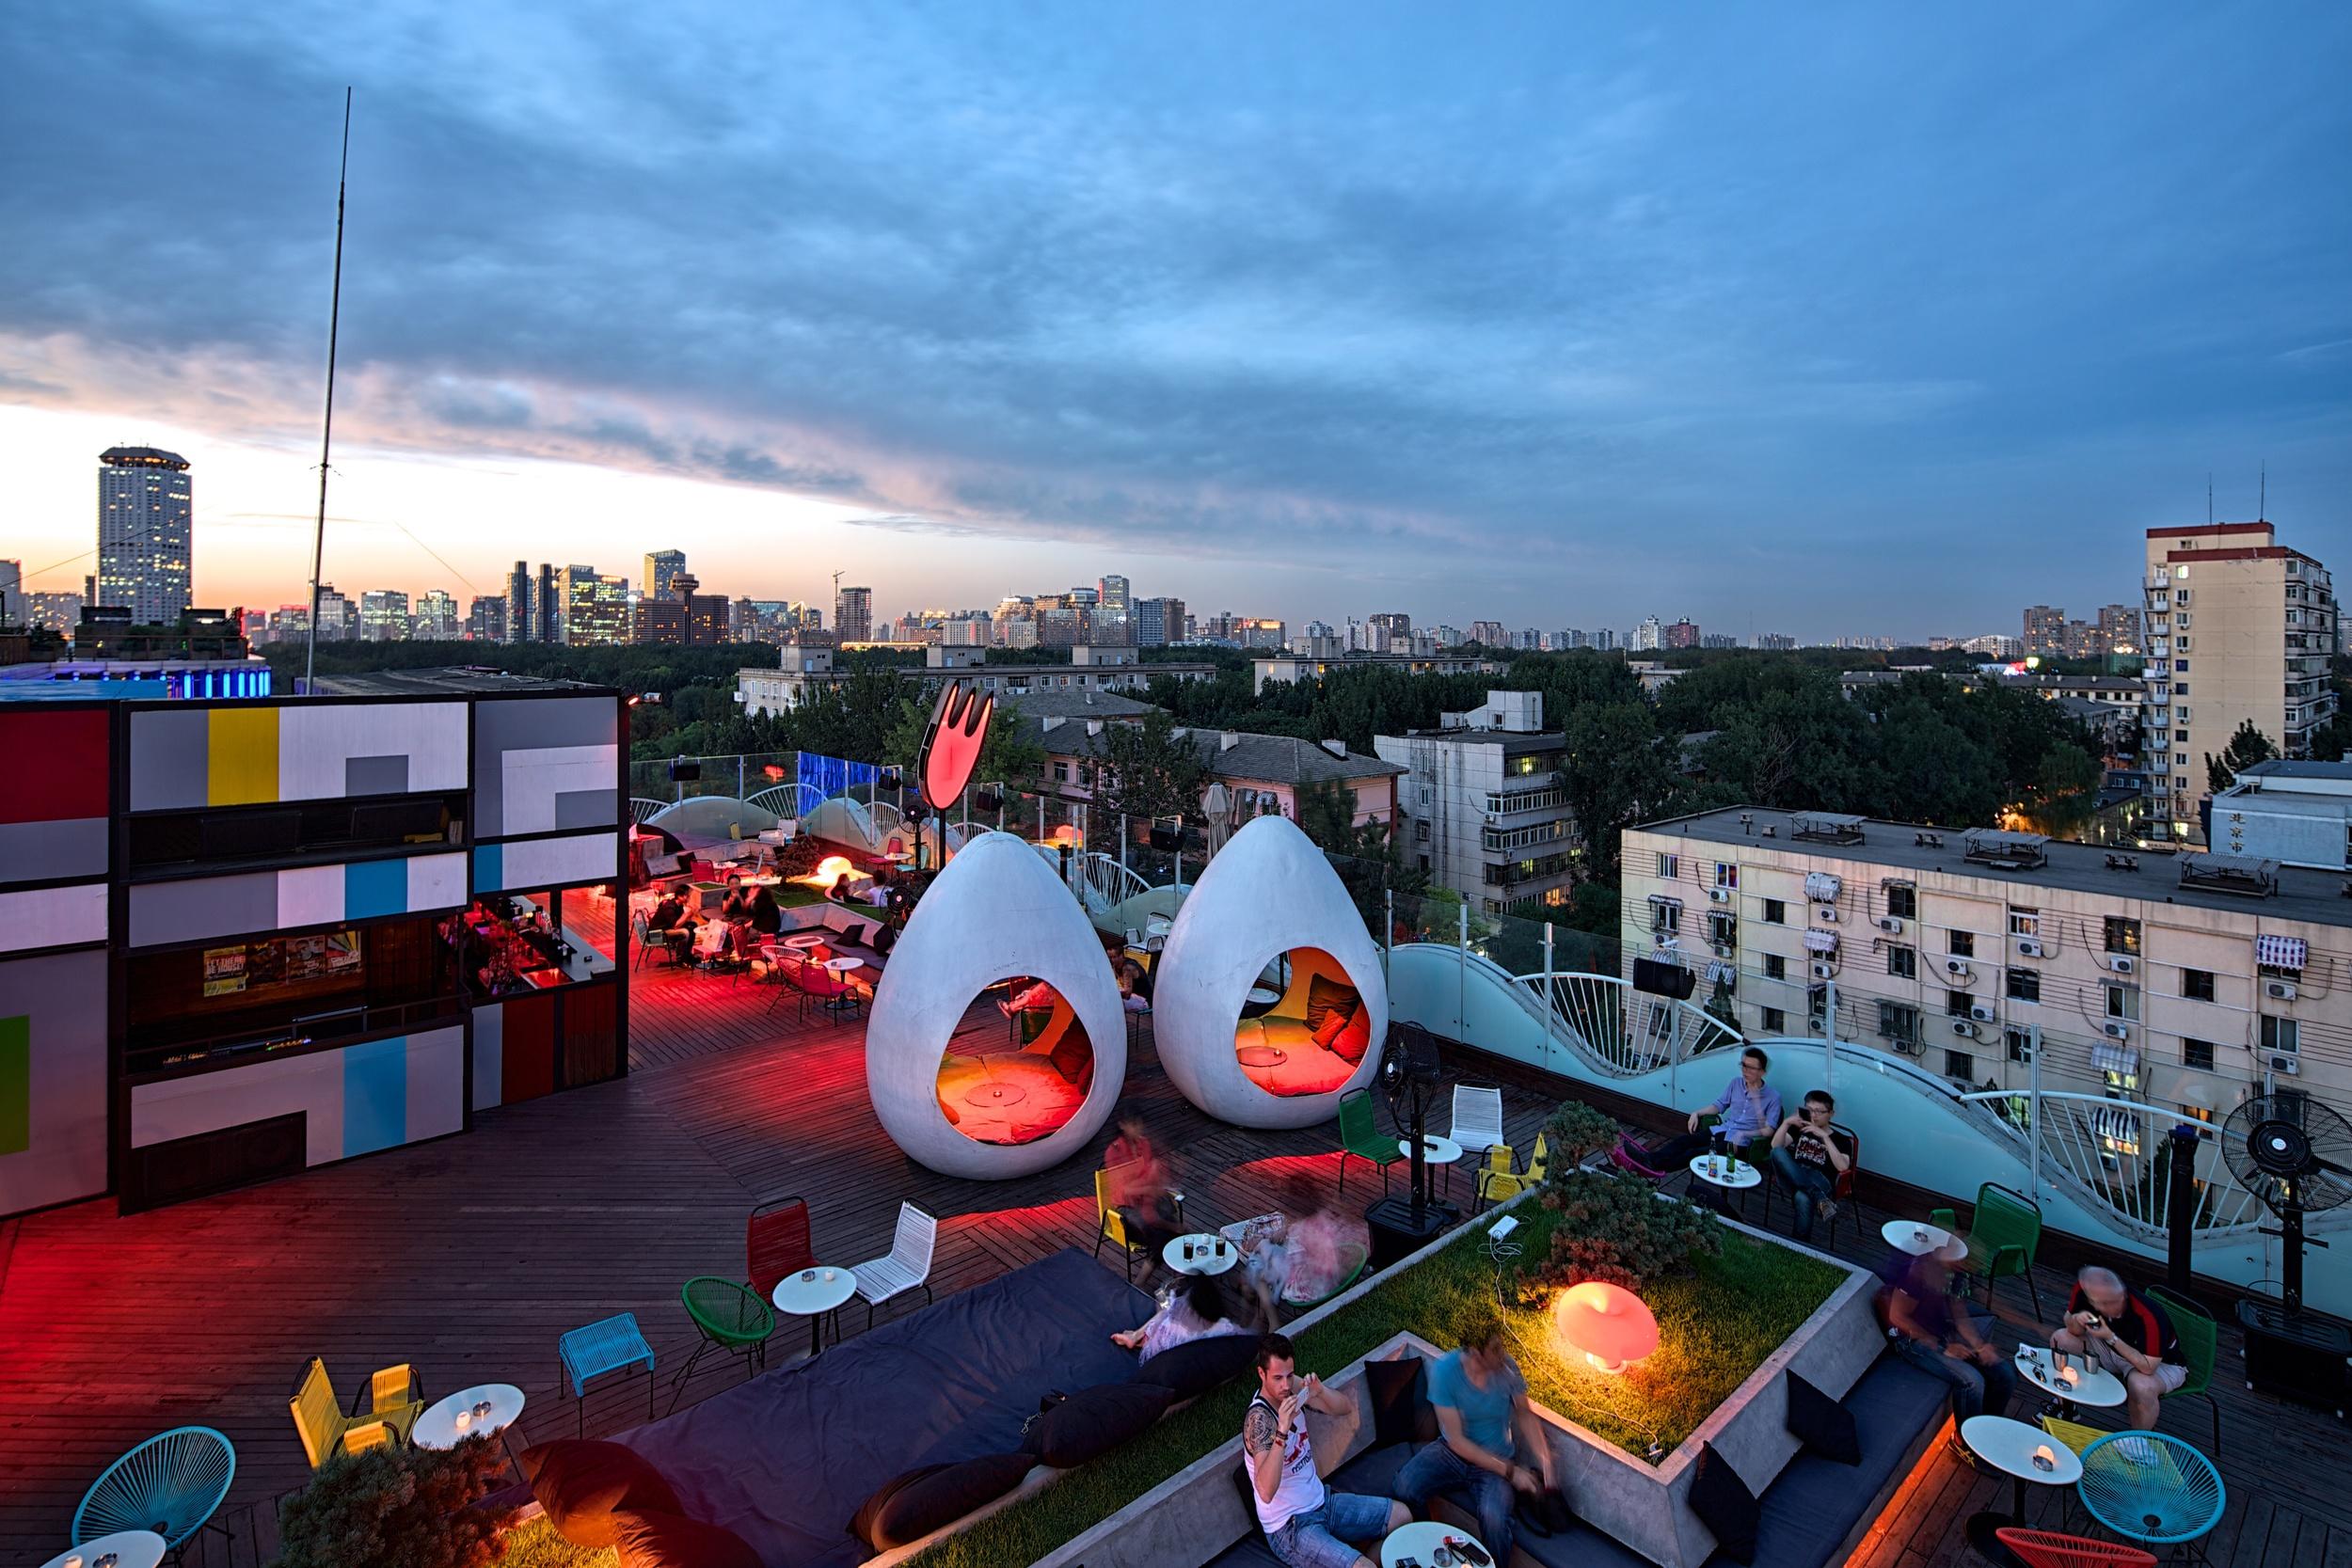 Migas Rooftop